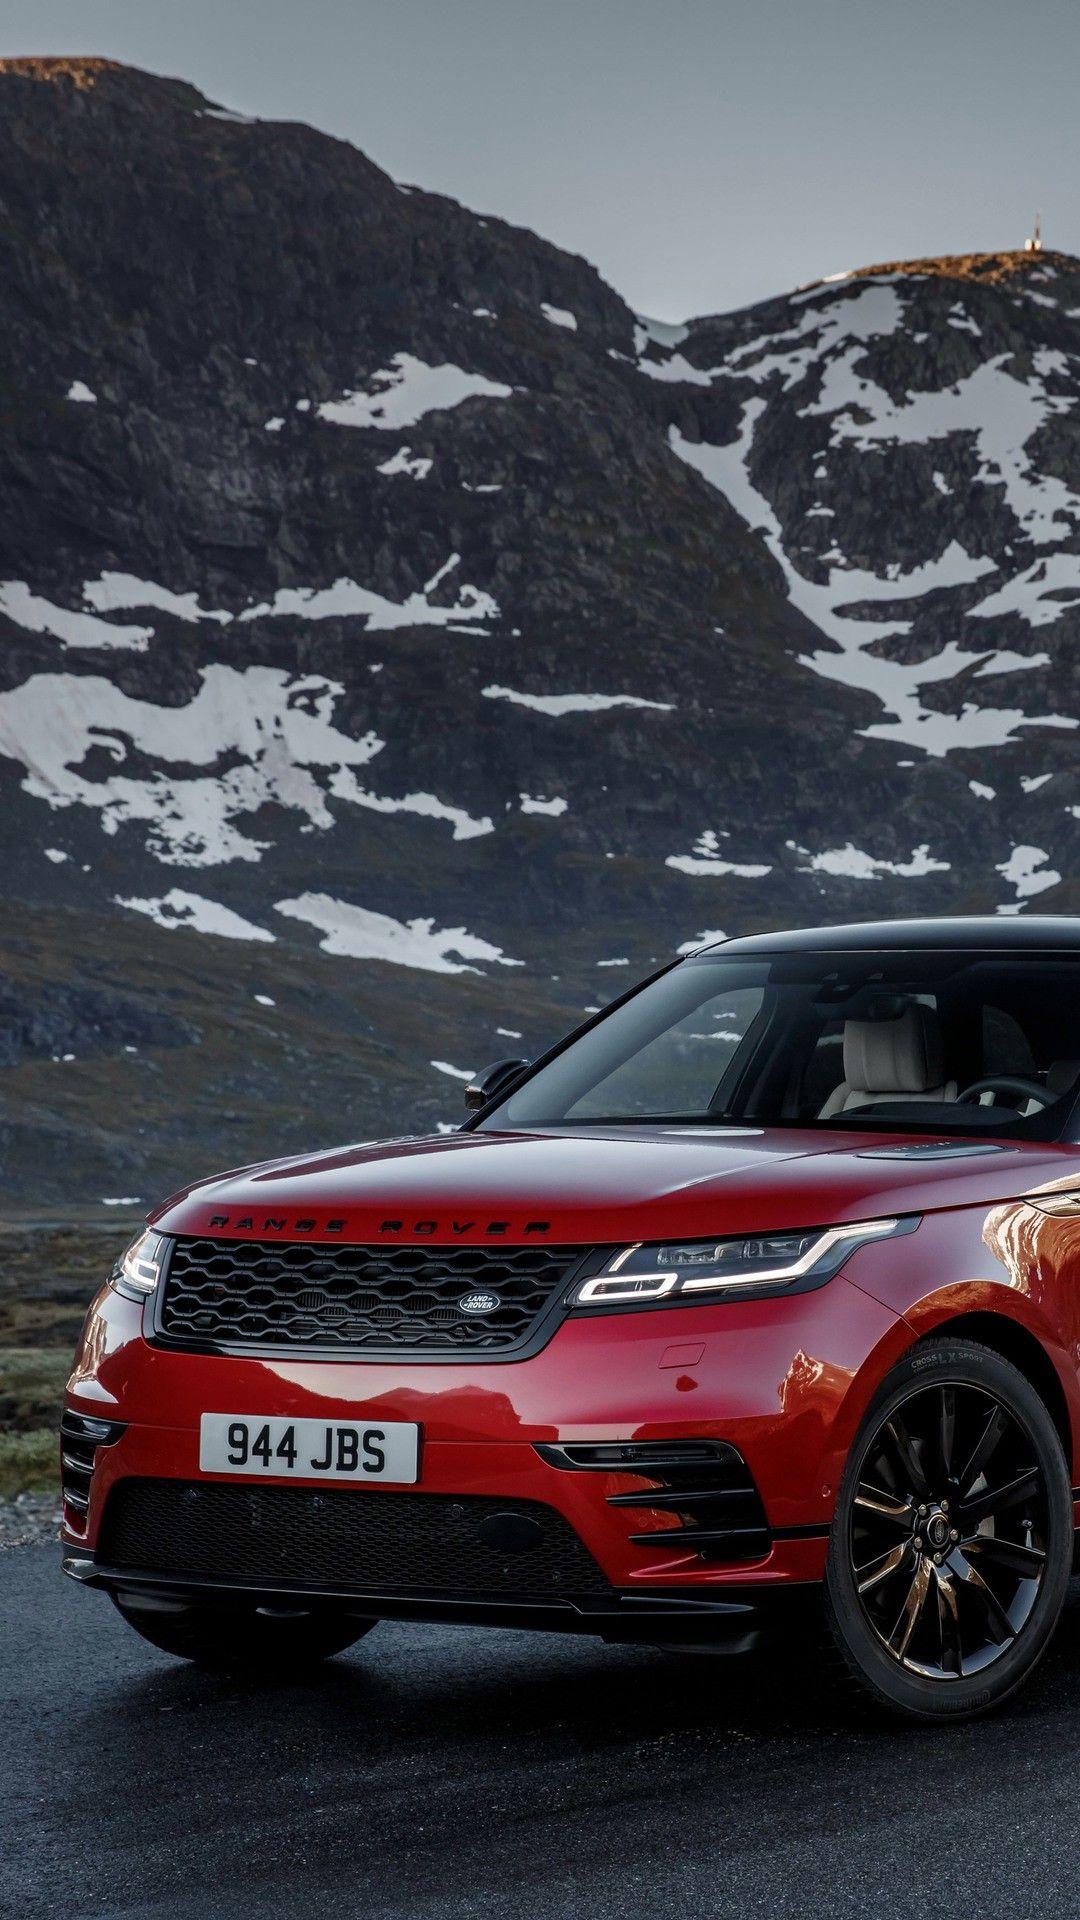 Range Rover Velar R Dynamic D300 2017 7p Wallpaper 1080x1920